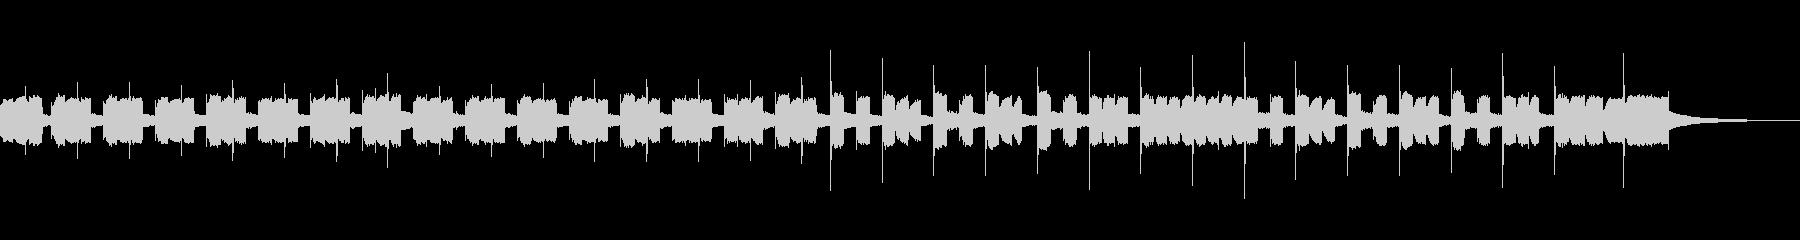 ベートーヴェン エコセーズ の未再生の波形